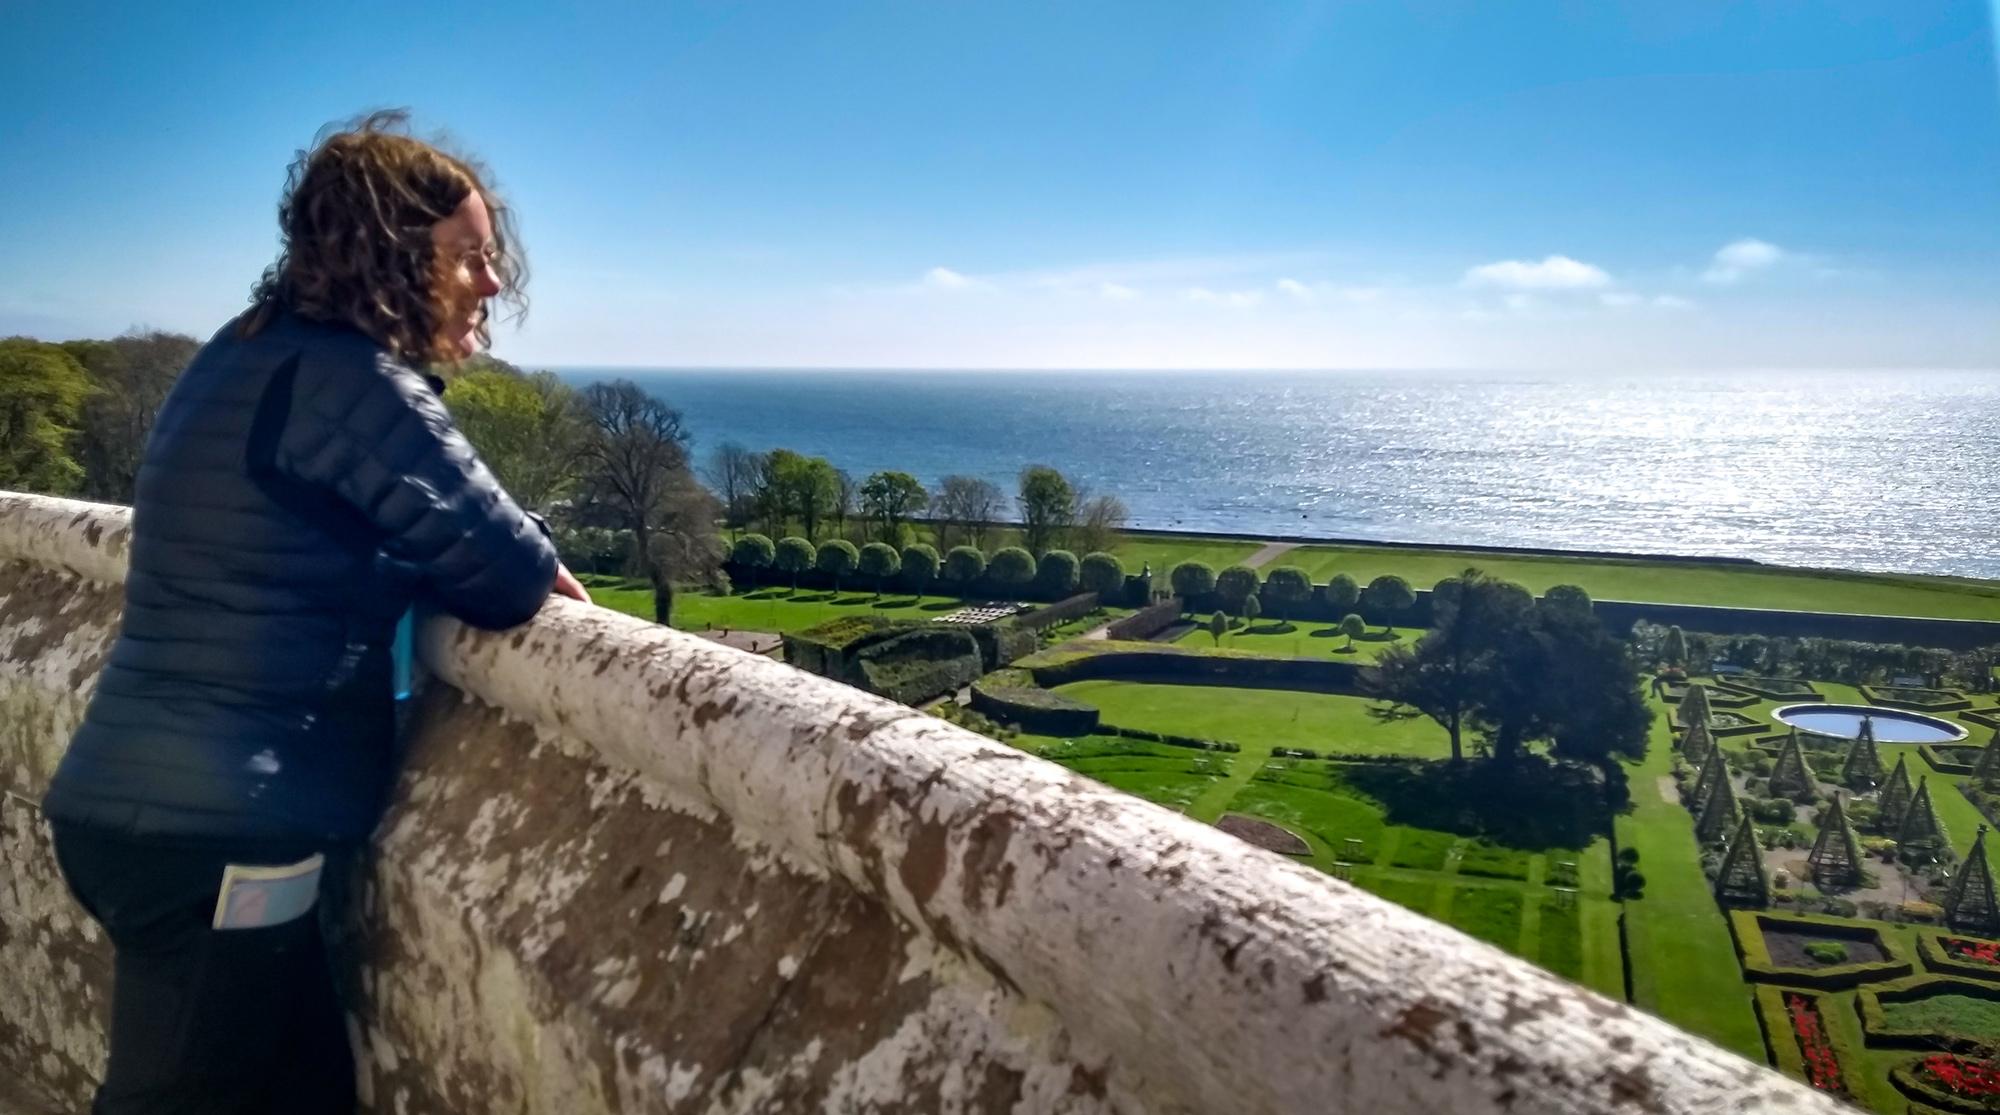 Frau blickt über den Garten von Dunrobin Castle auf das Meer